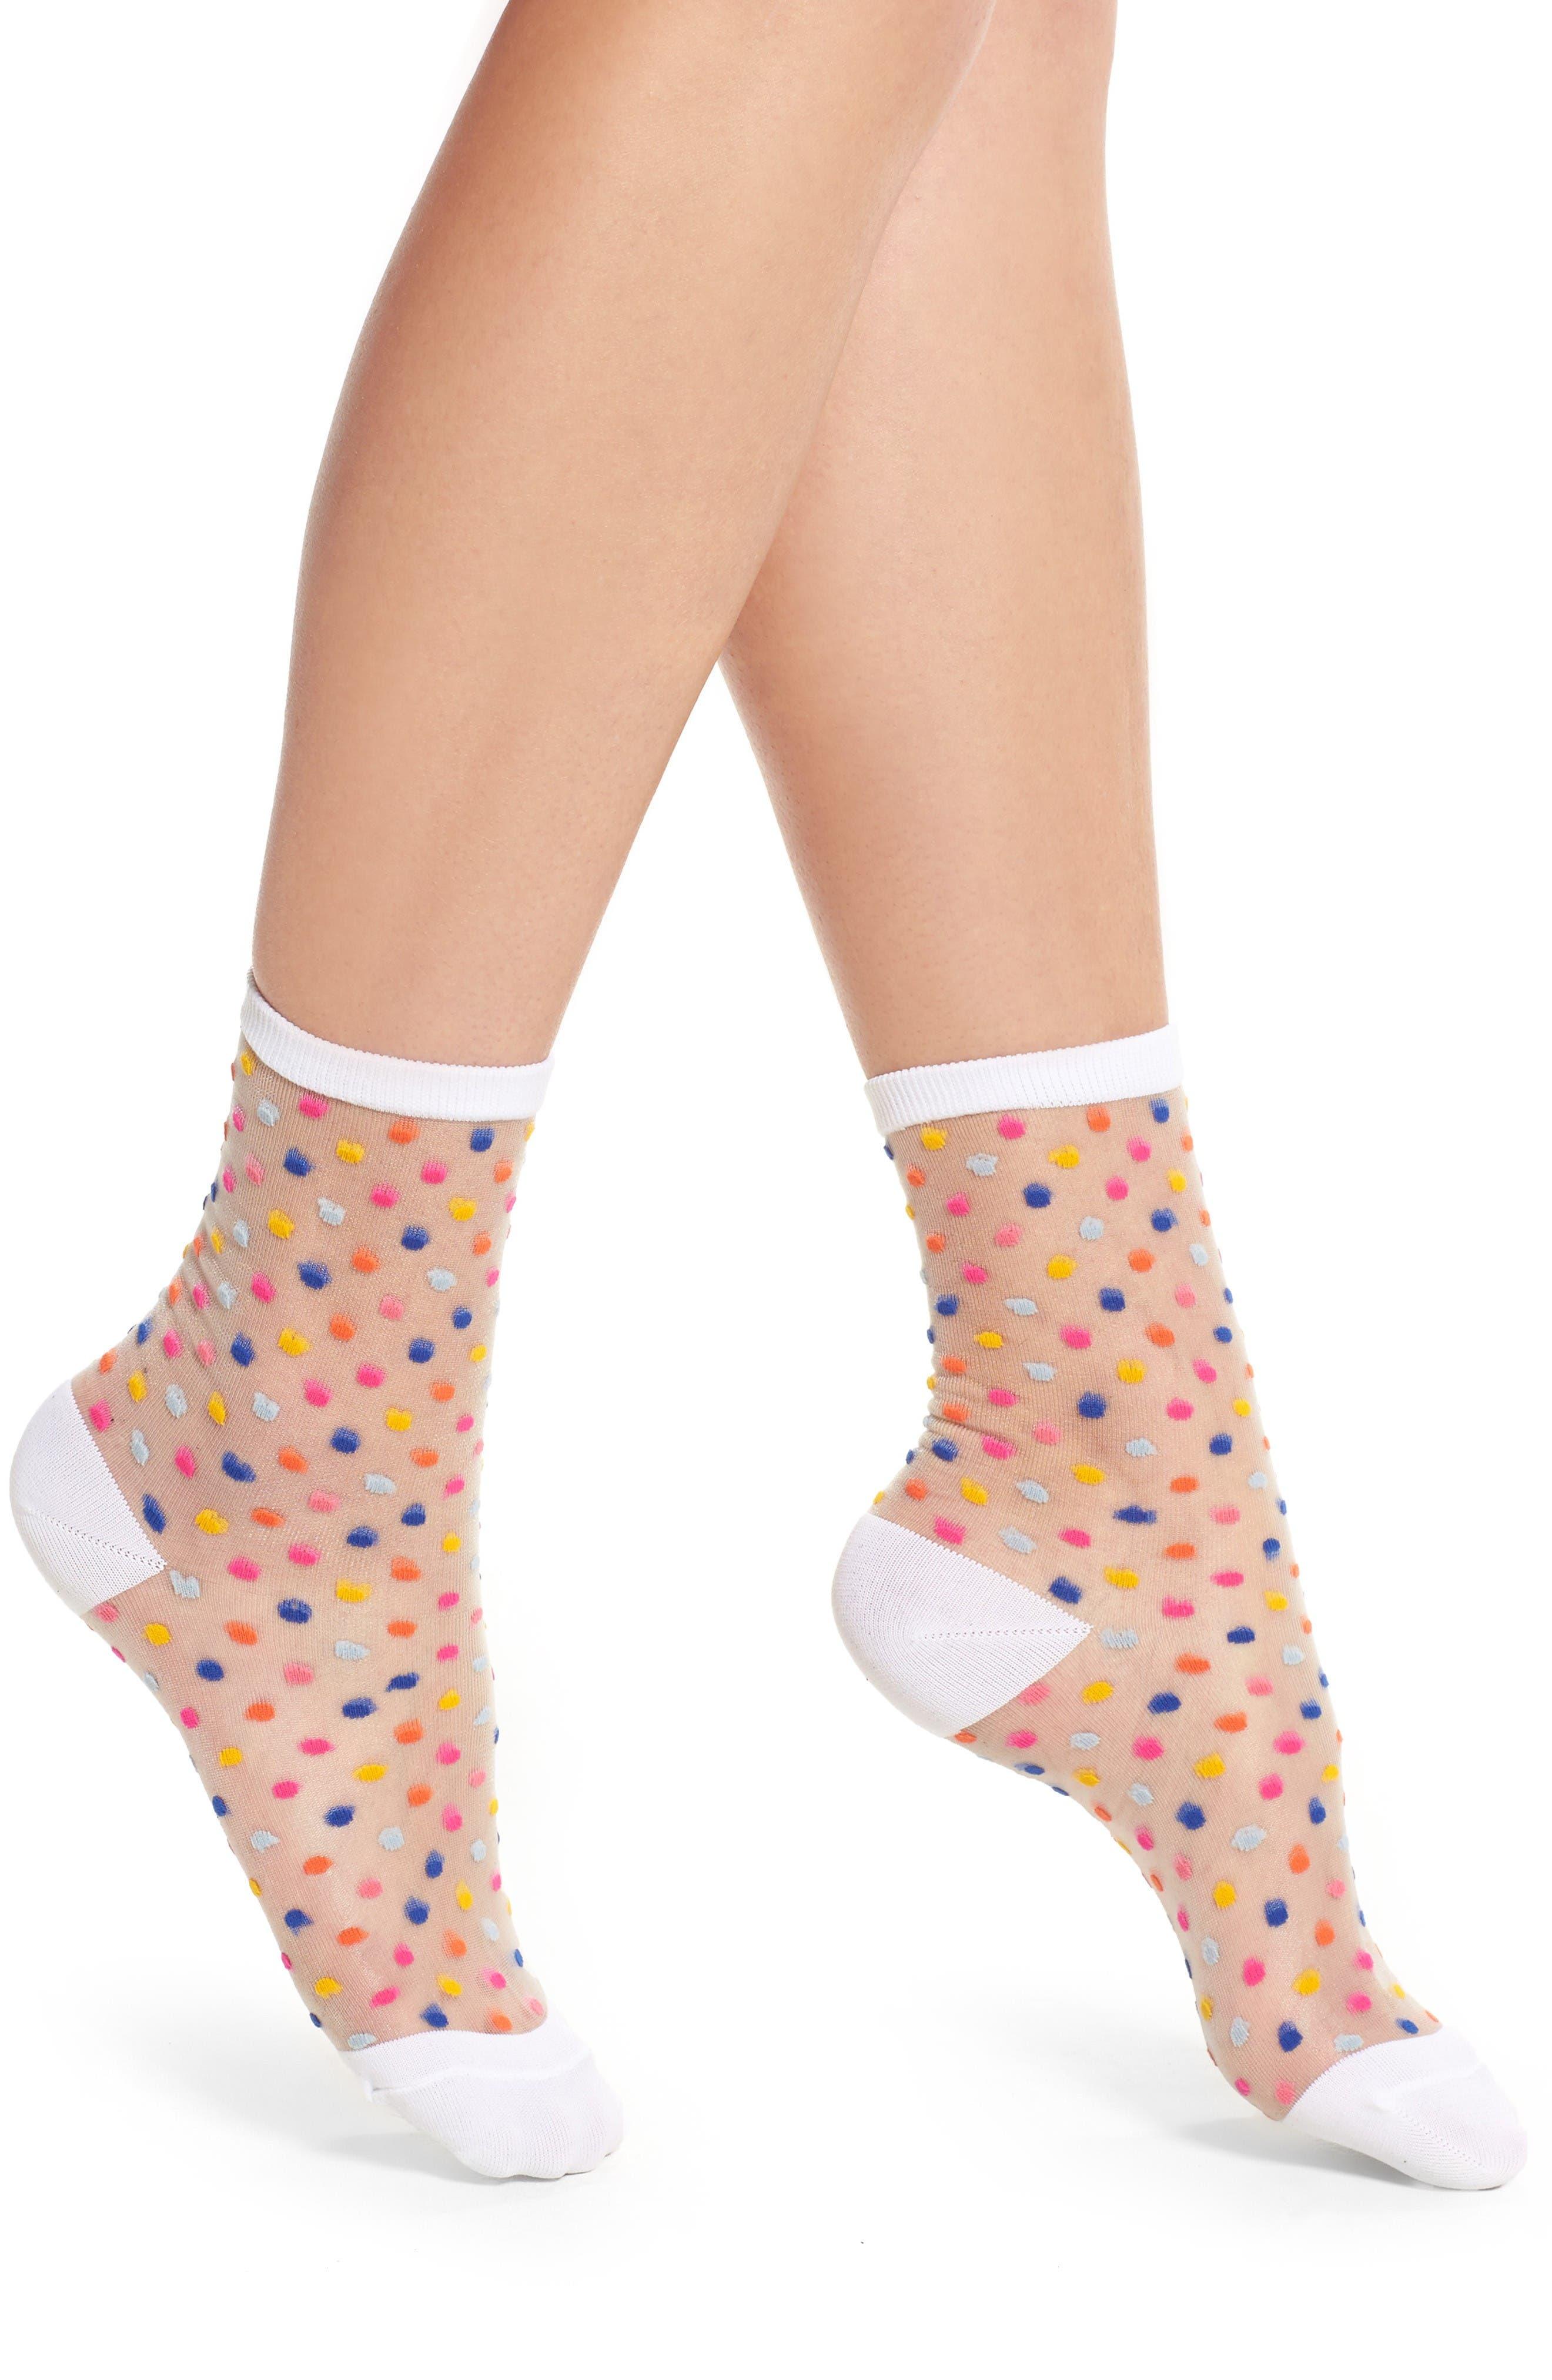 trouser socks,                         Main,                         color, White